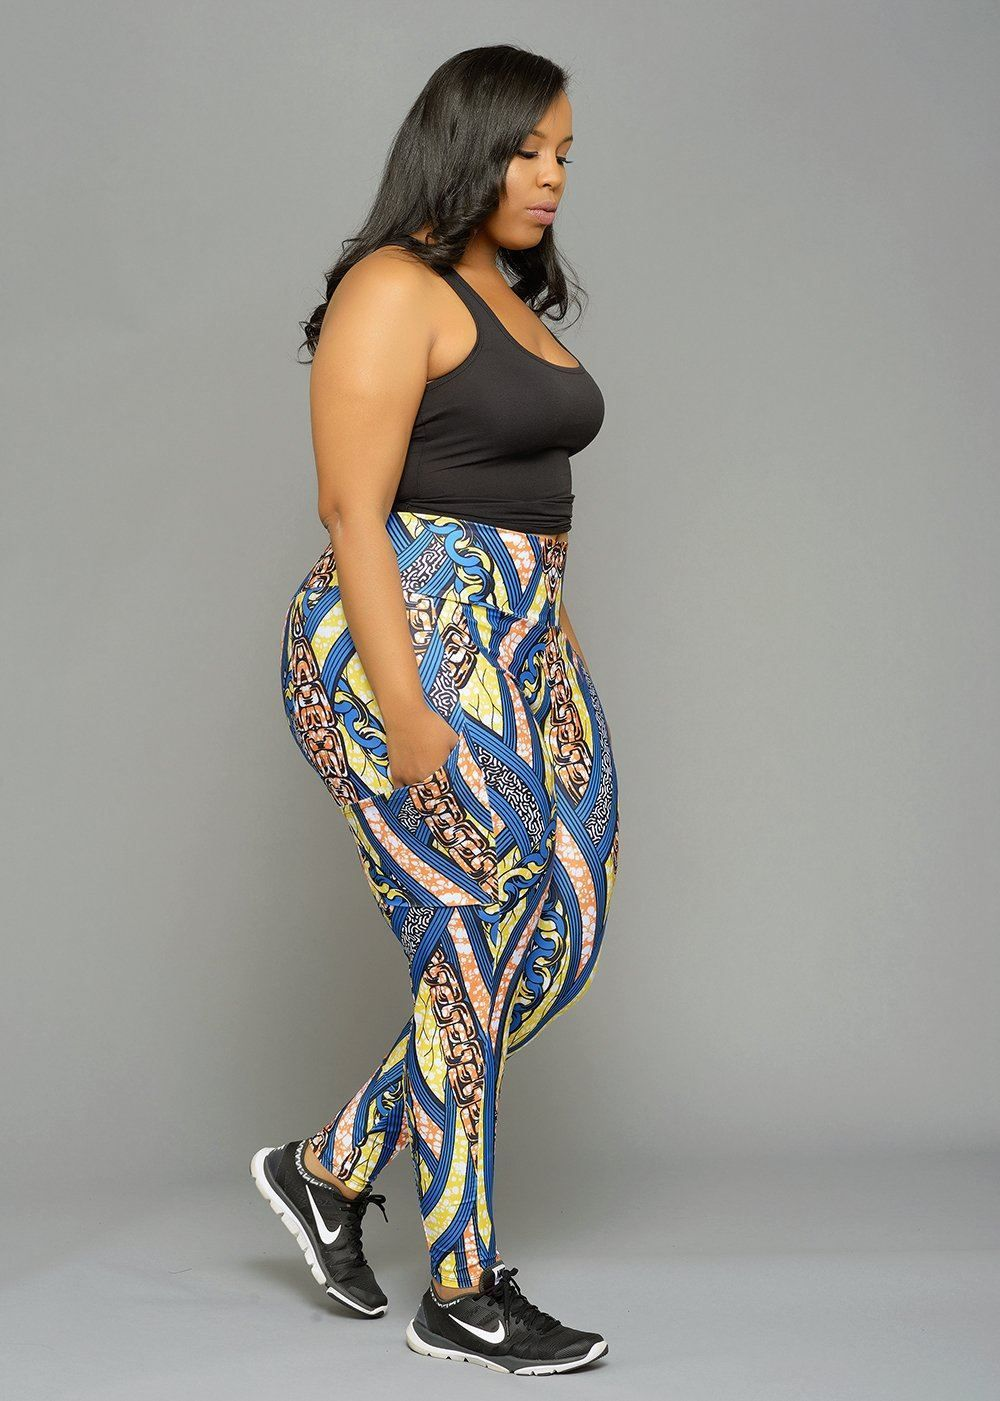 1ff0dca6c441f Naki African Print Yoga Pants Leggings (Orange/Yellow/Blue Lines ...